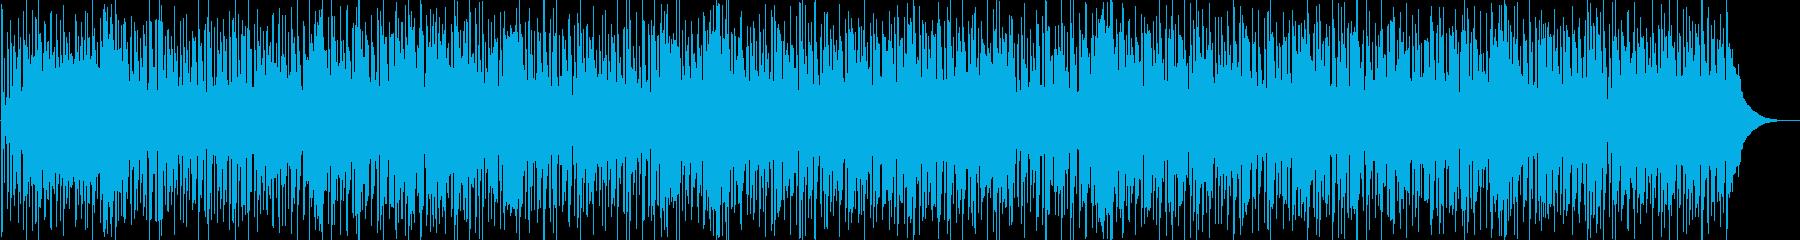 希望にあふれたカントリー調BGMの再生済みの波形